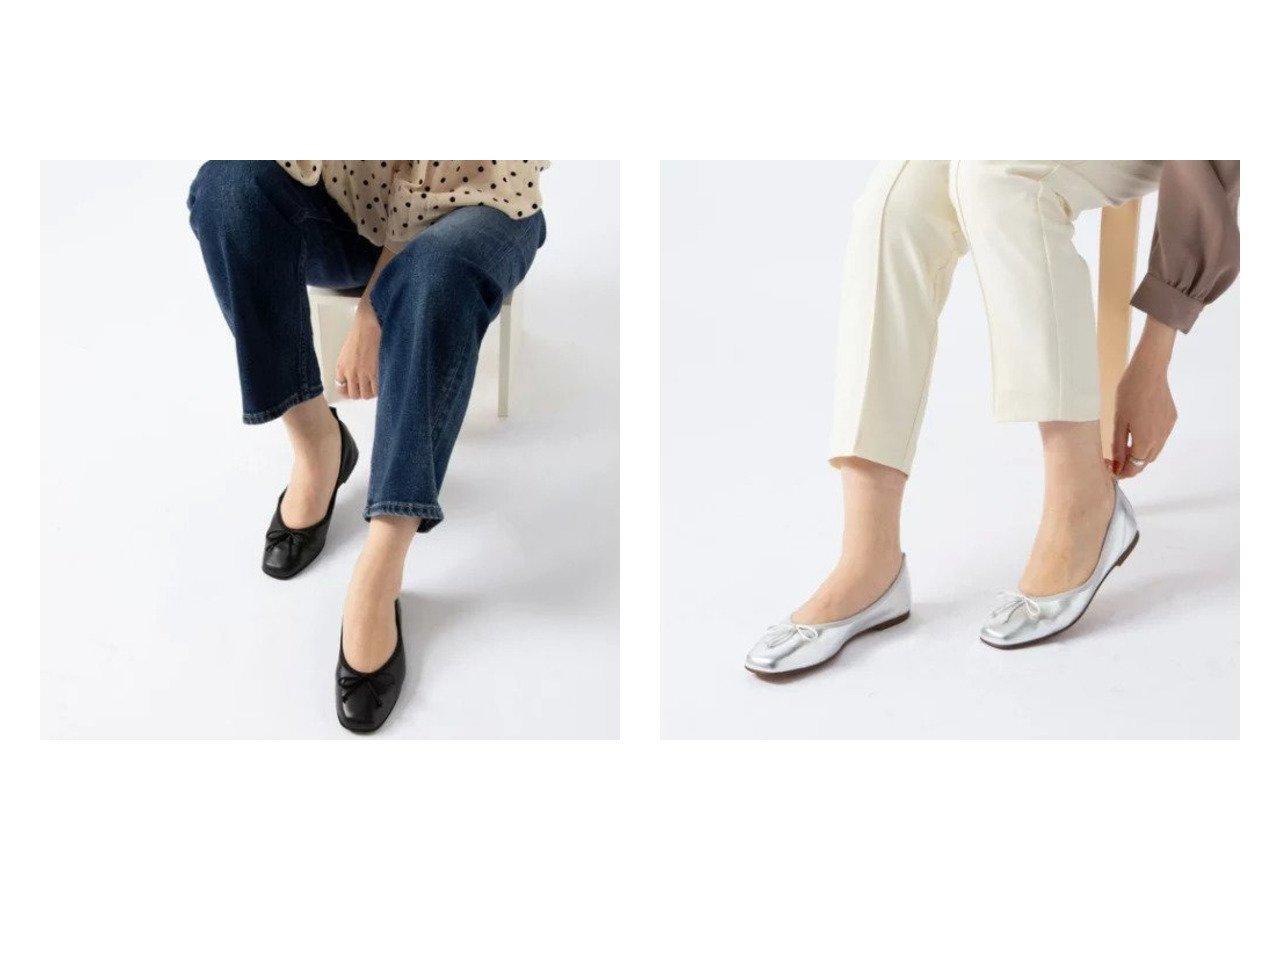 【NOLLEY'S/ノーリーズ】の【CORSO ROMA、 コルソローマノーヴェ】ソフトバレエシューズ シューズ・靴のおすすめ!人気、トレンド・レディースファッションの通販 おすすめで人気の流行・トレンド、ファッションの通販商品 メンズファッション・キッズファッション・インテリア・家具・レディースファッション・服の通販 founy(ファニー) https://founy.com/ ファッション Fashion レディースファッション WOMEN イタリア コレクション シューズ スクエア トレンド バレエ フラット 人気 |ID:crp329100000023907